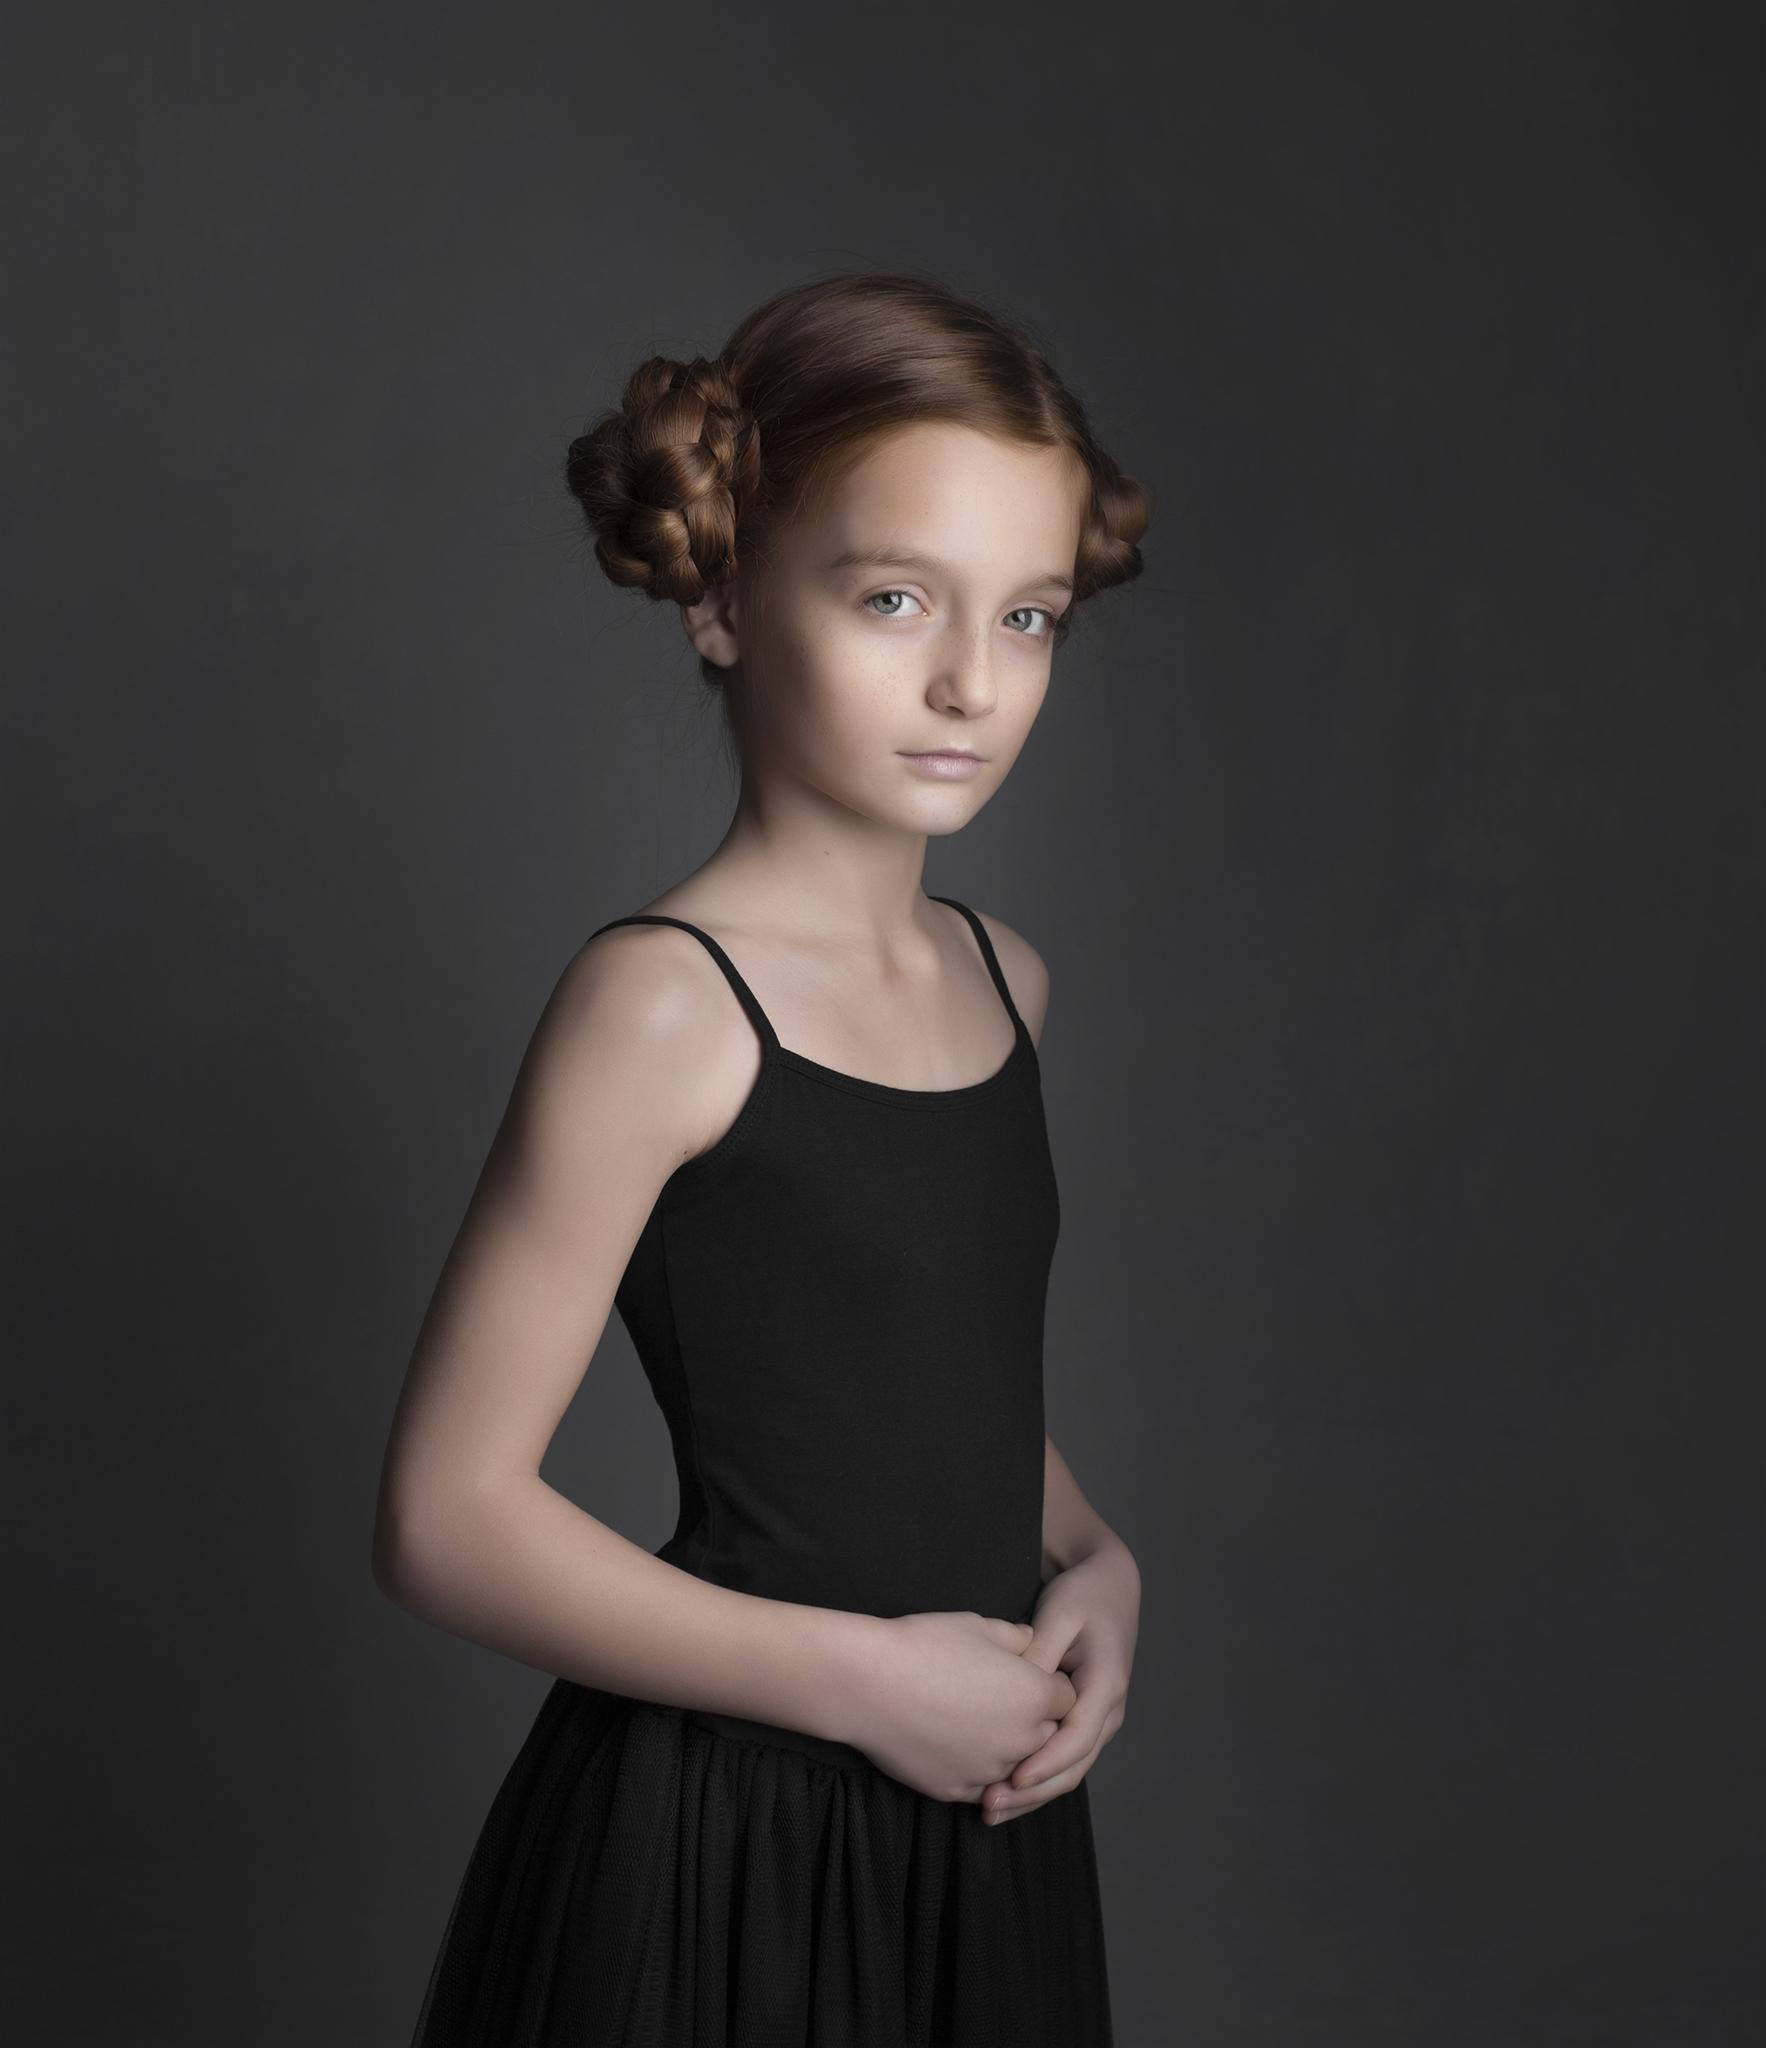 elizabethg_photography_hertfordshire_fineart_child_portrait_model_morgan_1.jpg